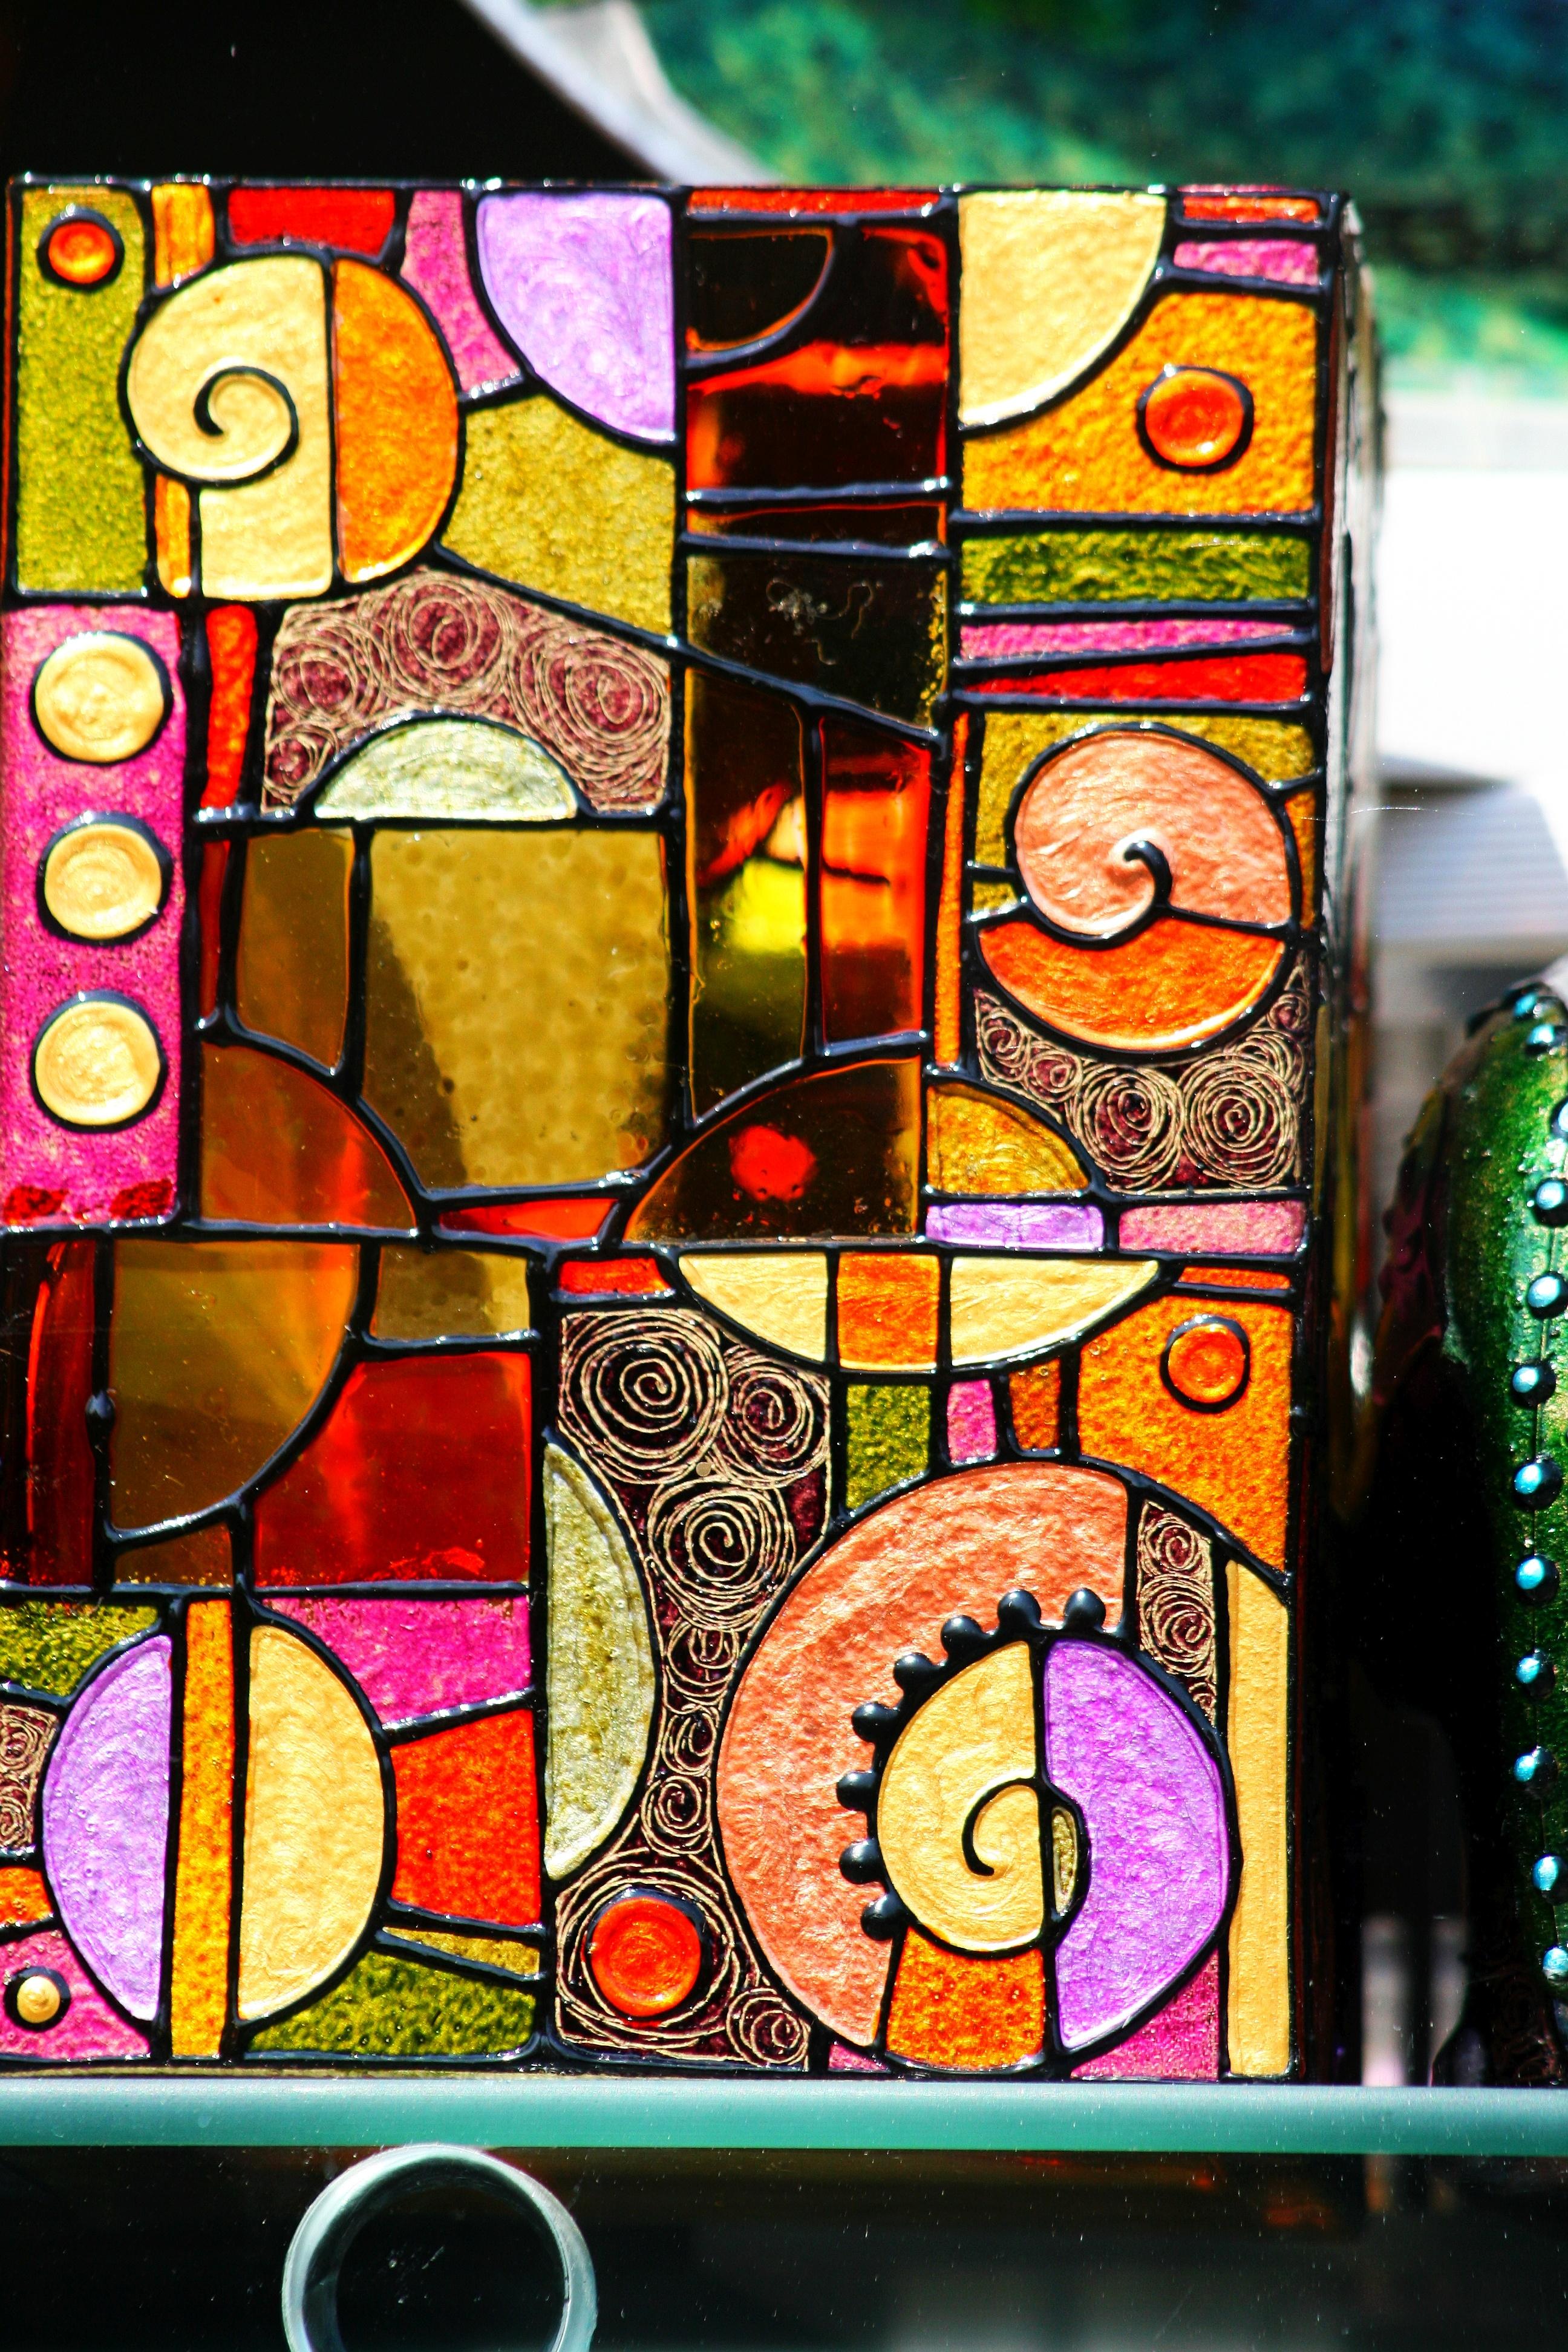 Fotograf Pencere Bardak Dekorasyon Renk Malzeme Vitray